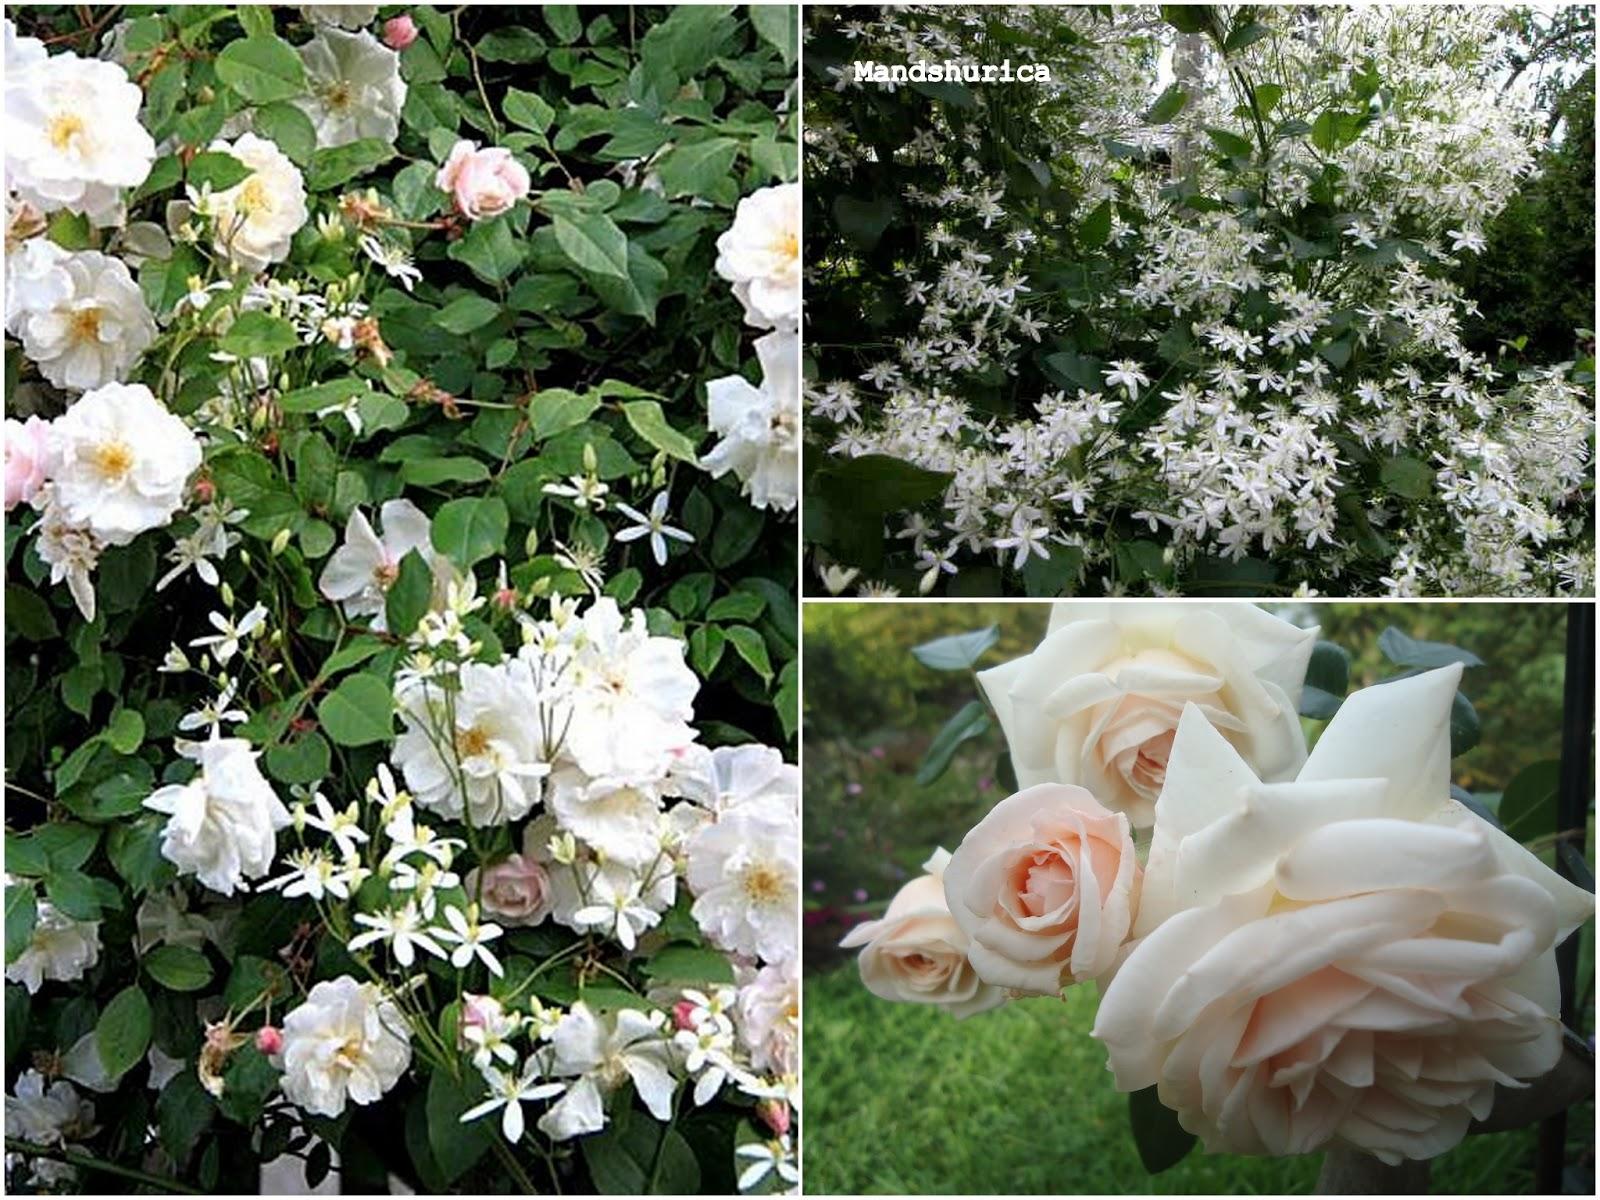 Je suis au jardin nouveaux rosiers nouveau projet - Deplacer un rosier ...